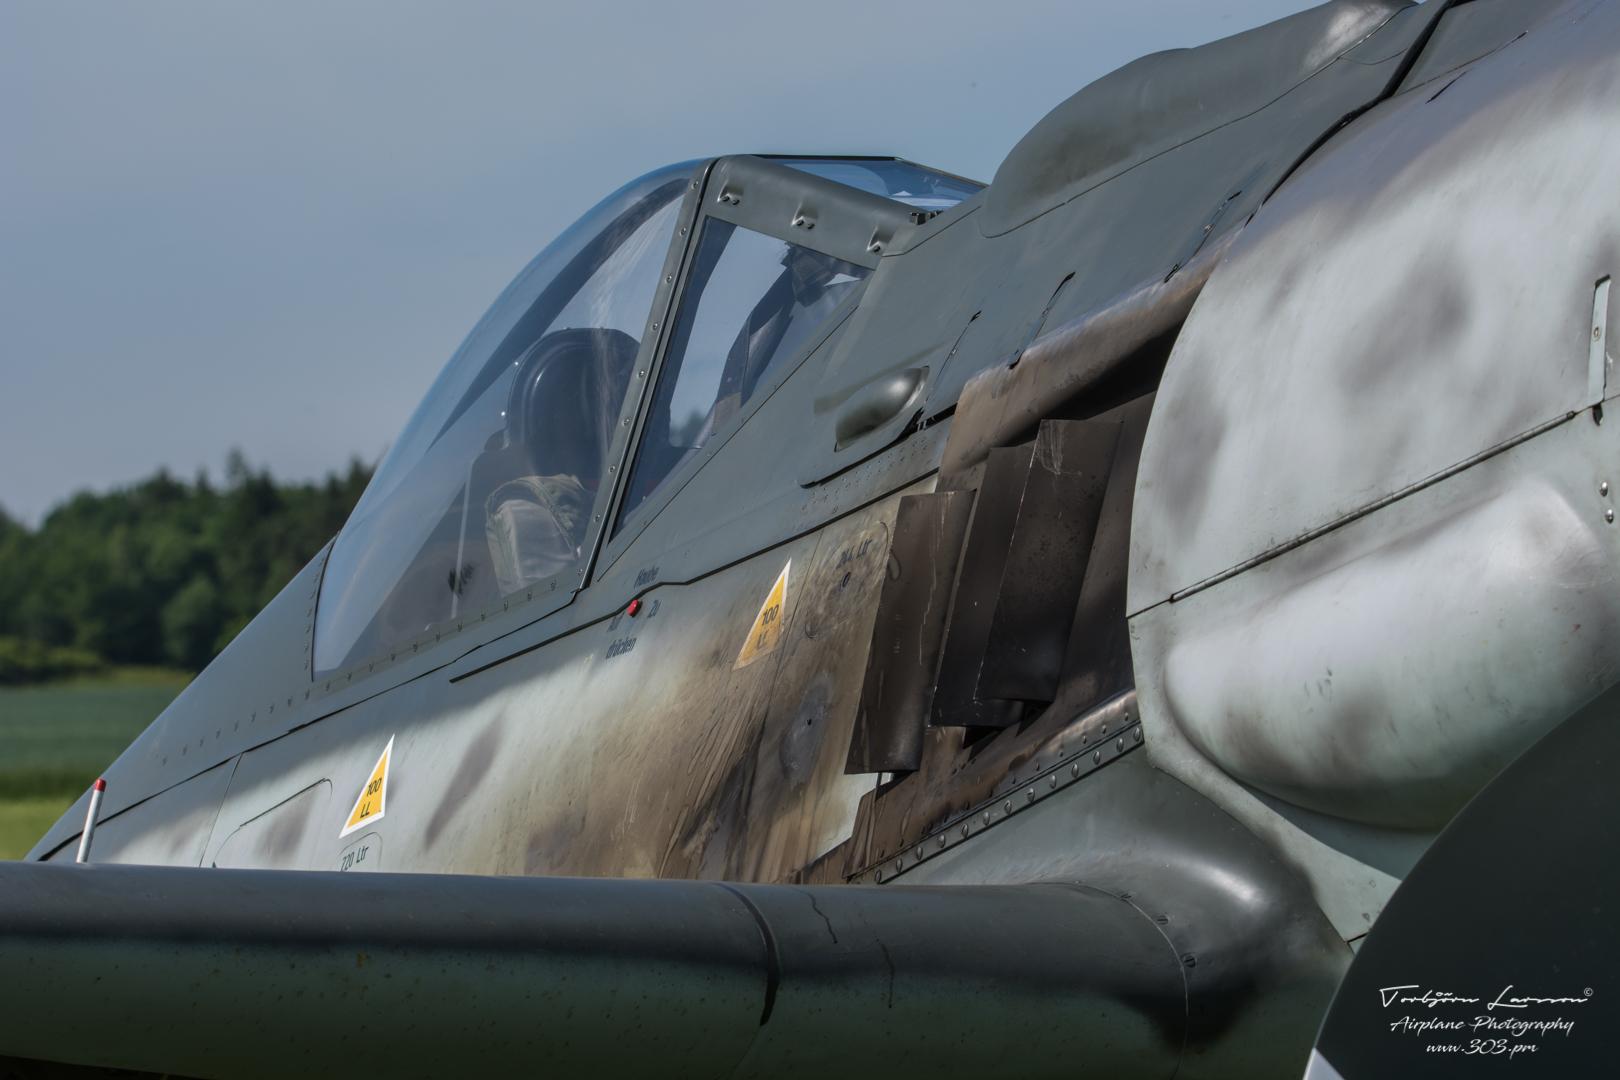 TBE_5953-Focke-Wulf FW-190A-8 - (D-FWSE)